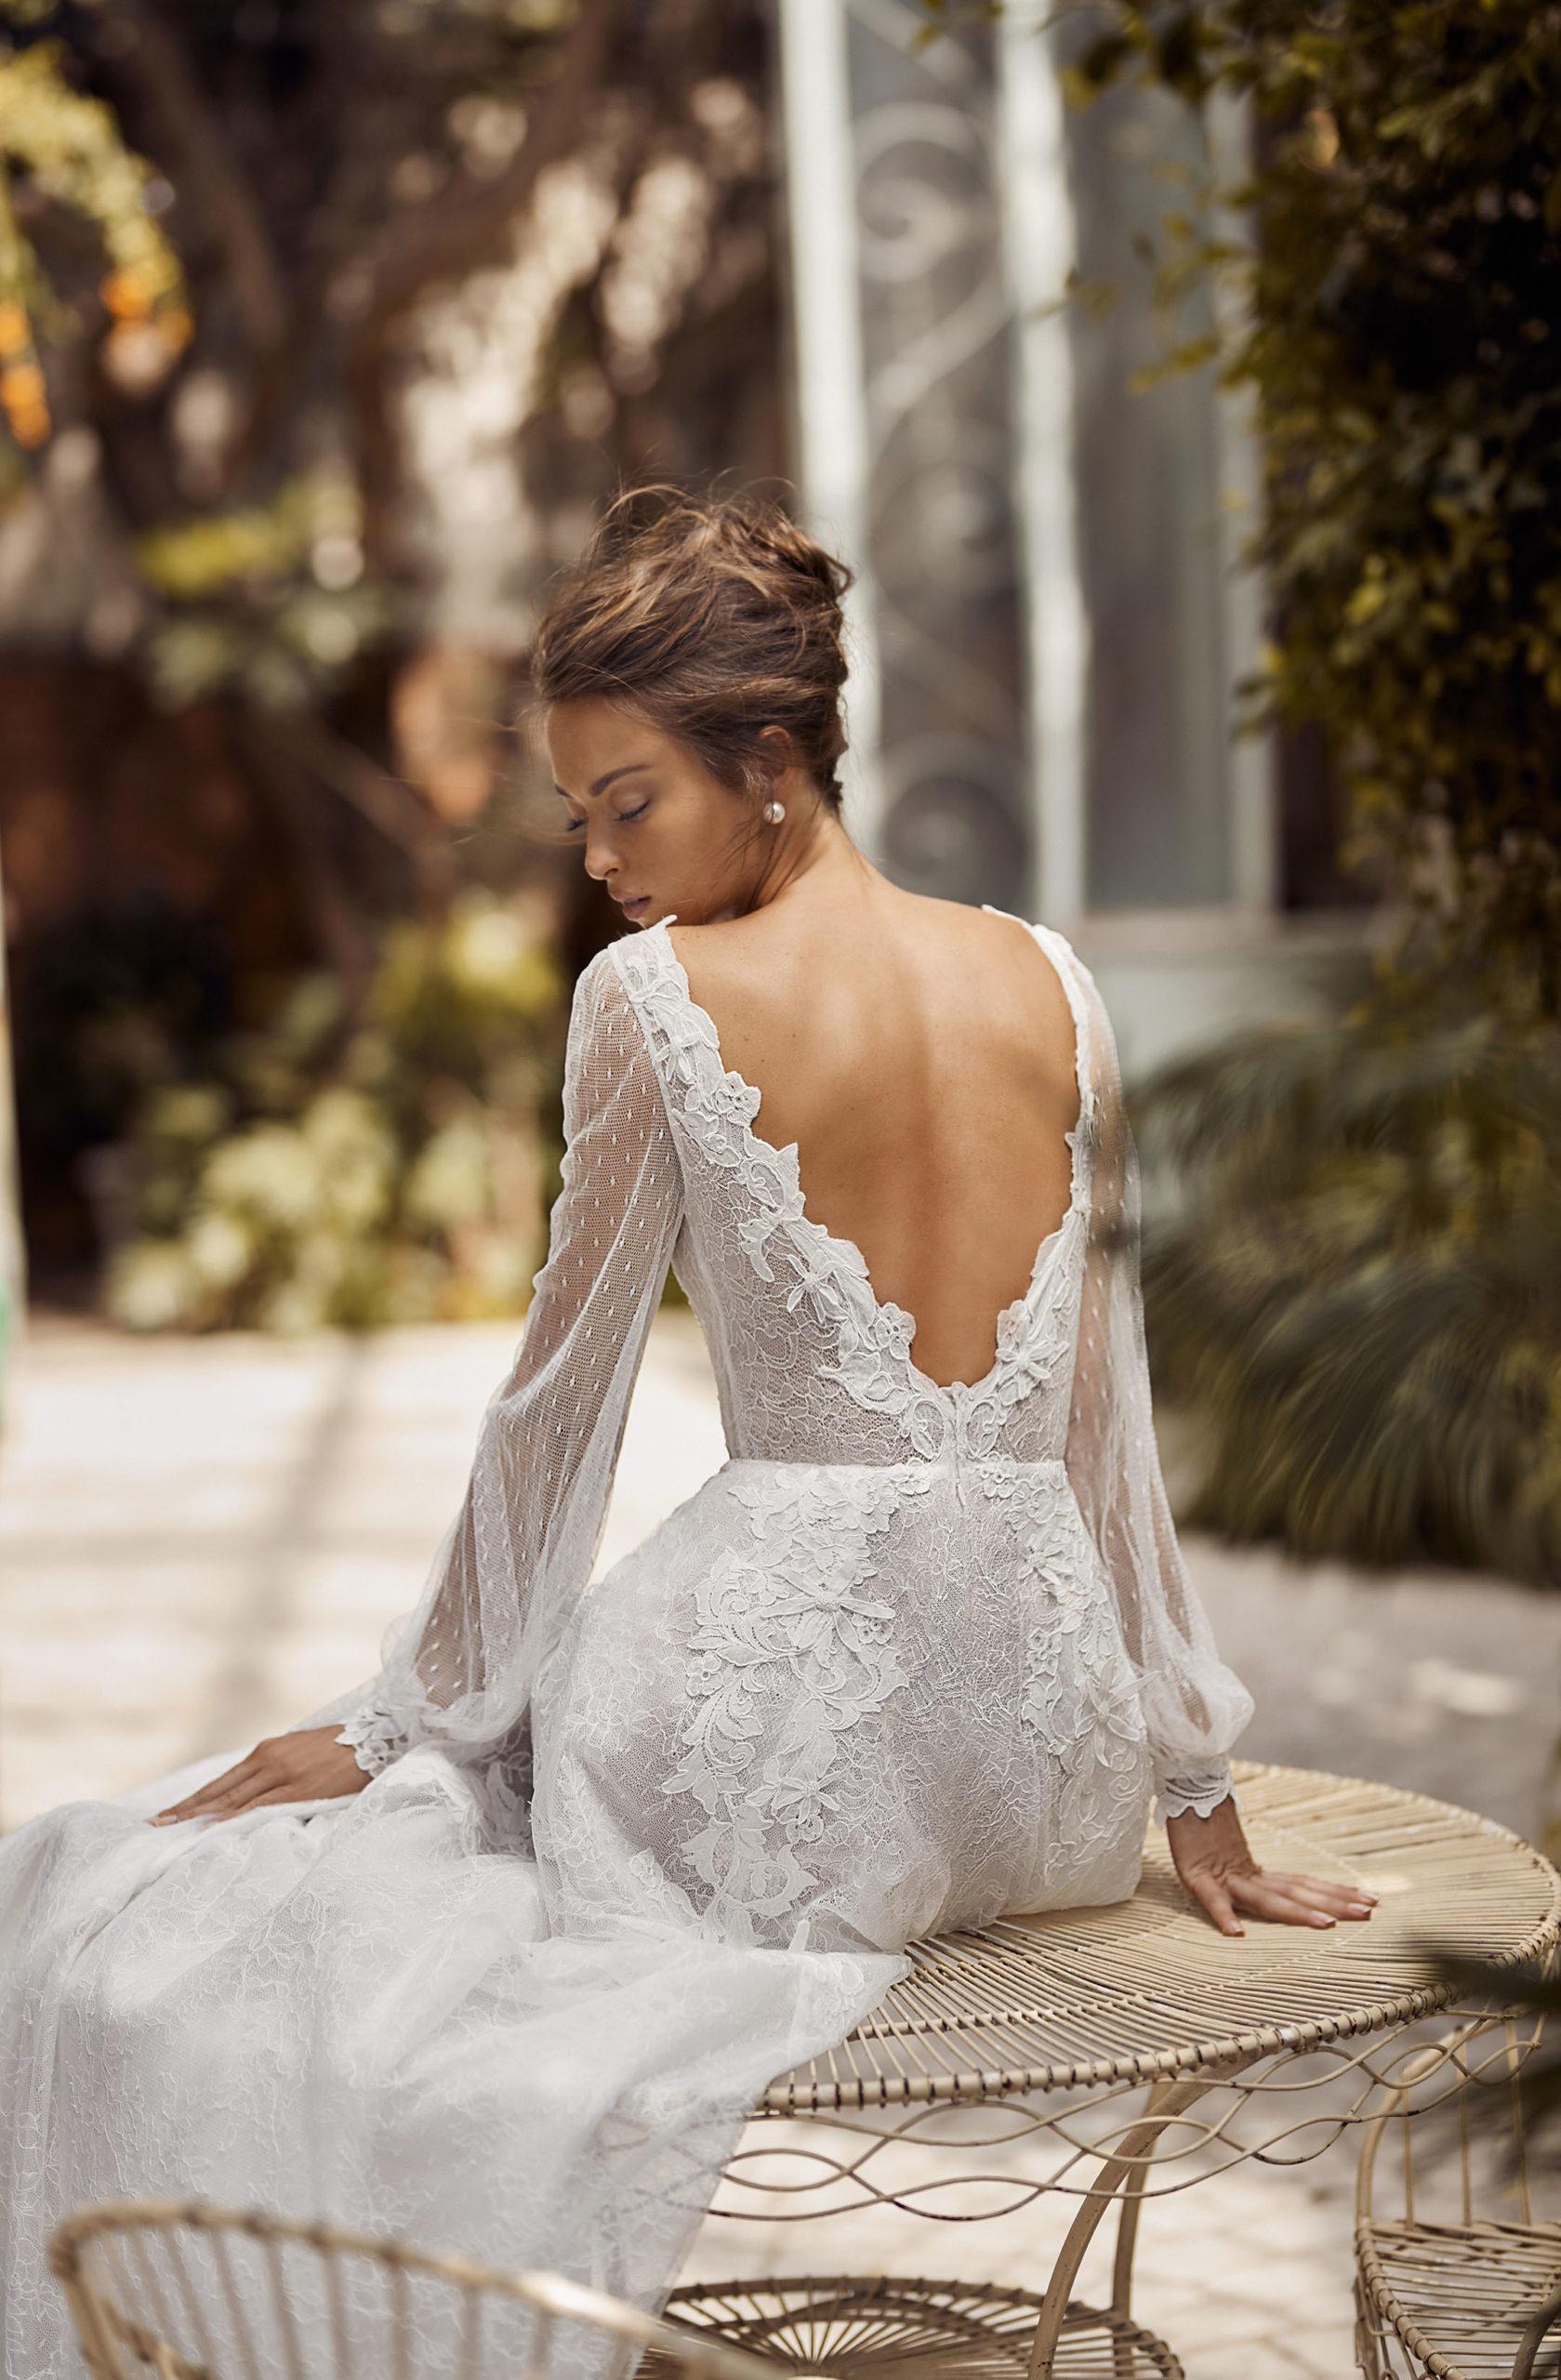 Sukni ślubne, panna młoda 2021, suknie ślubne projektantów, suknia ślubna z salonu